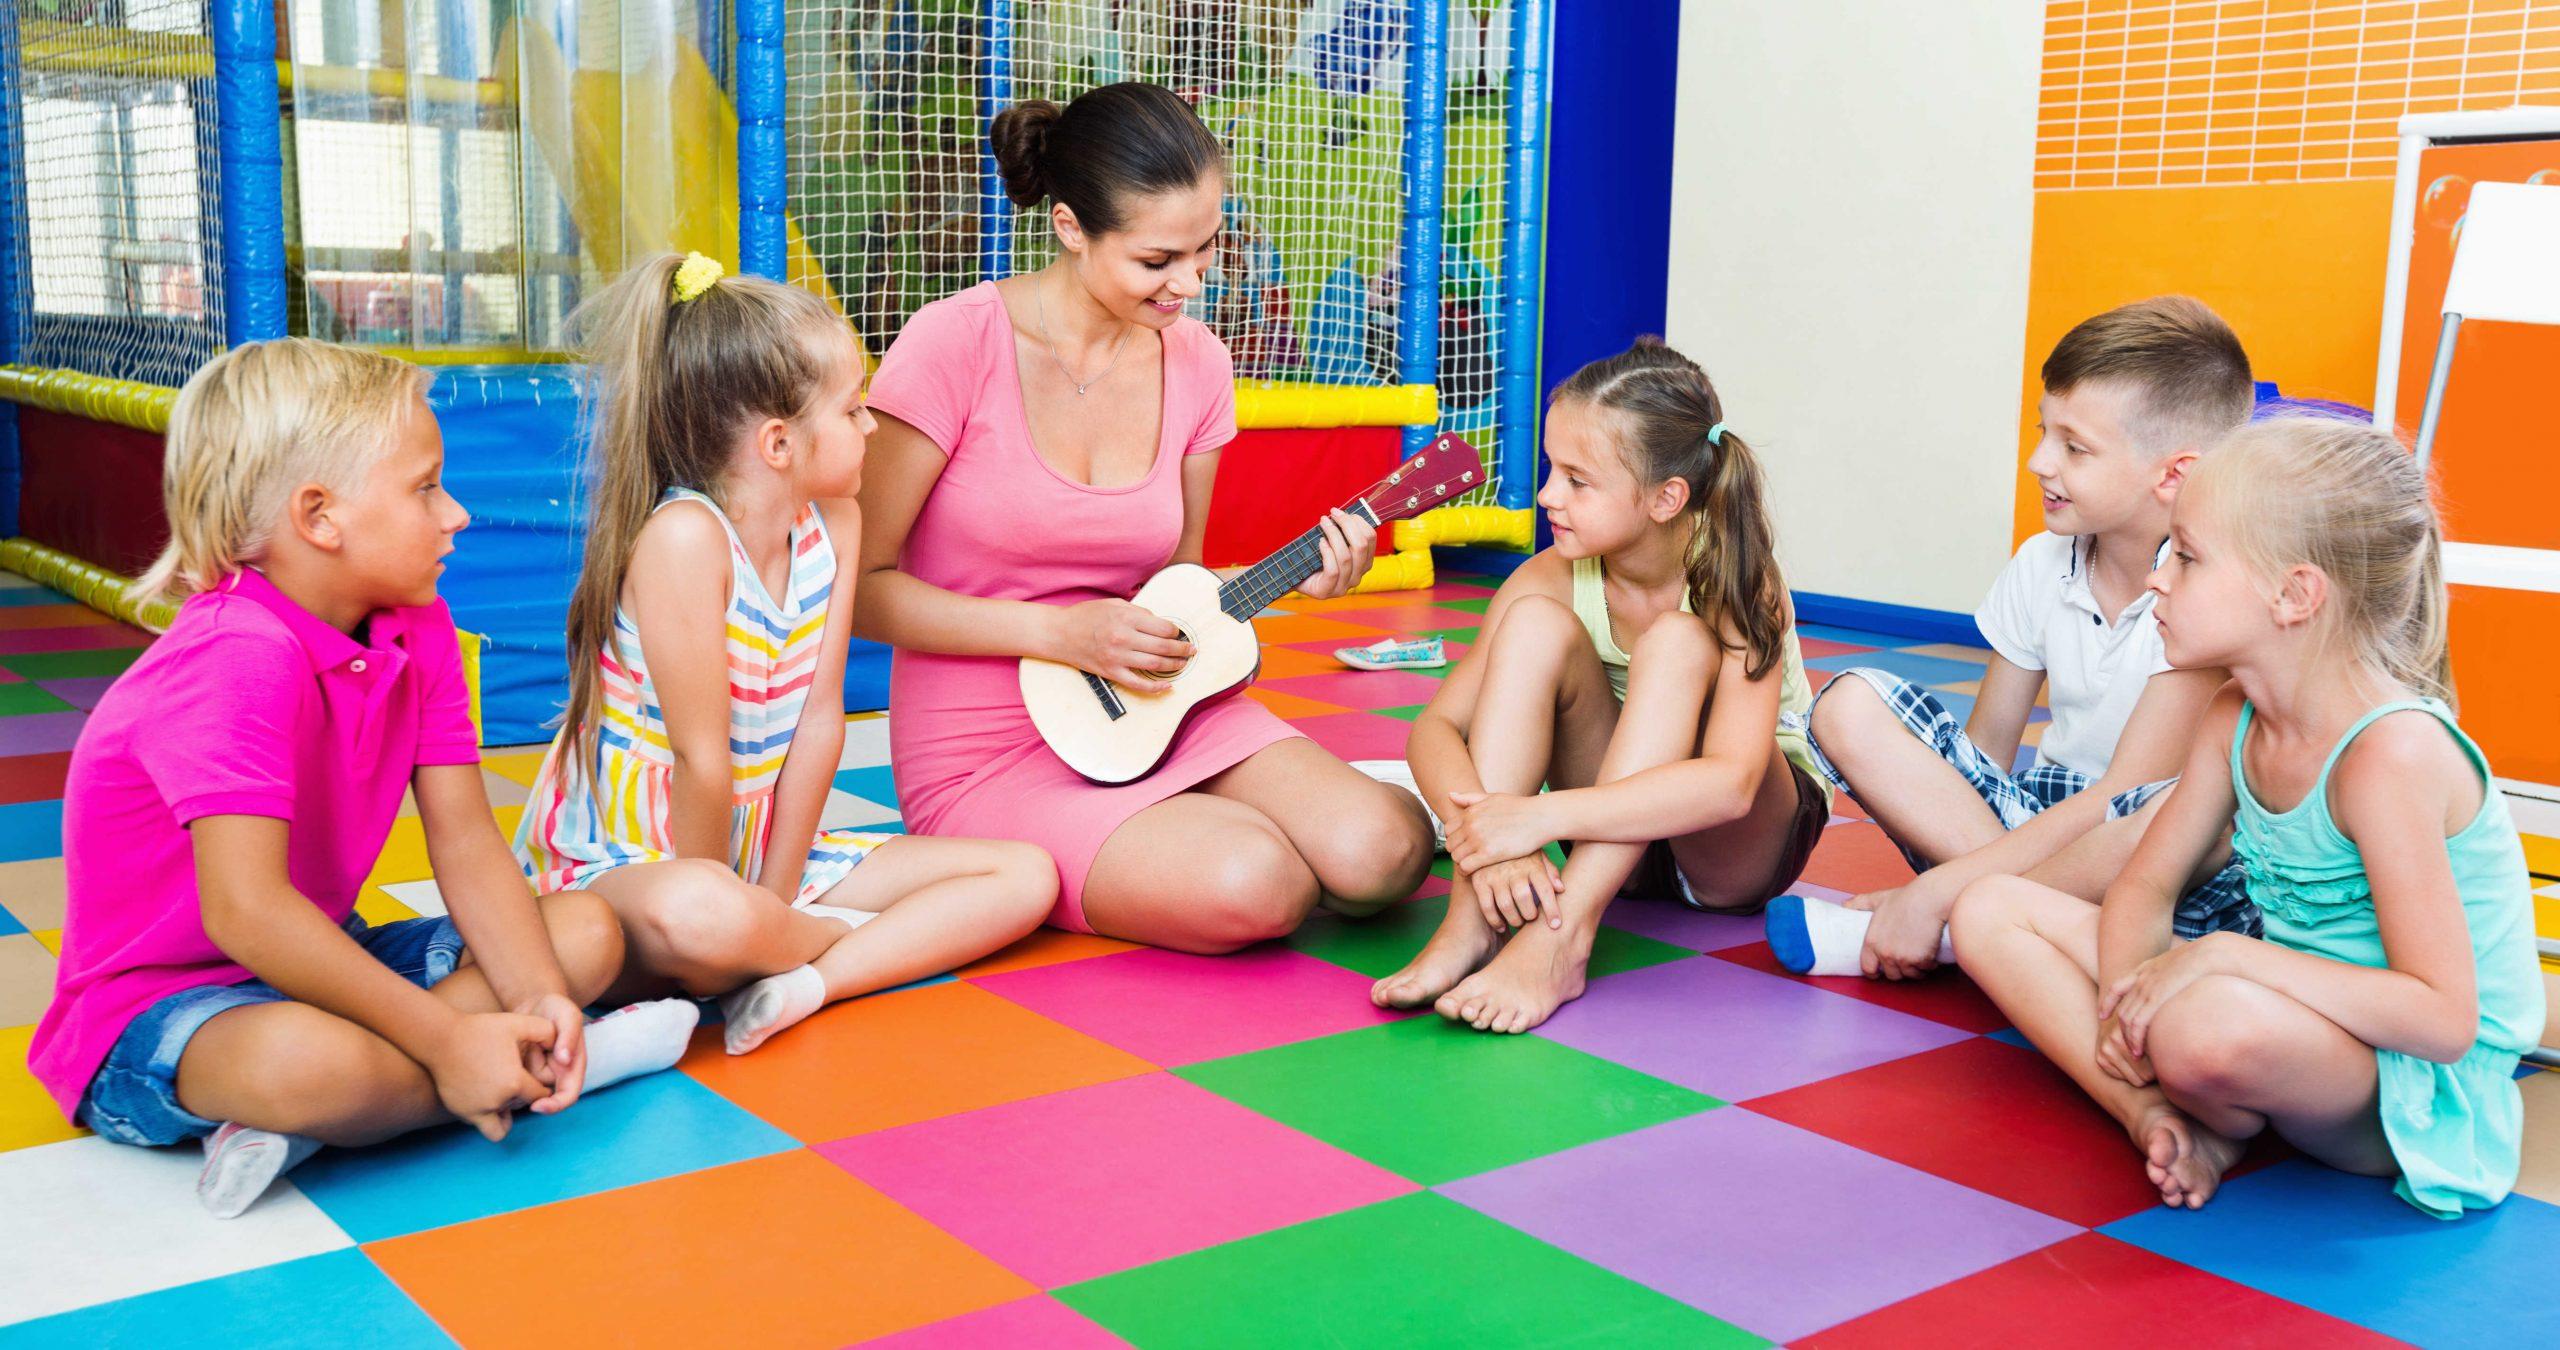 8 beneficios de la música en el aprendizaje